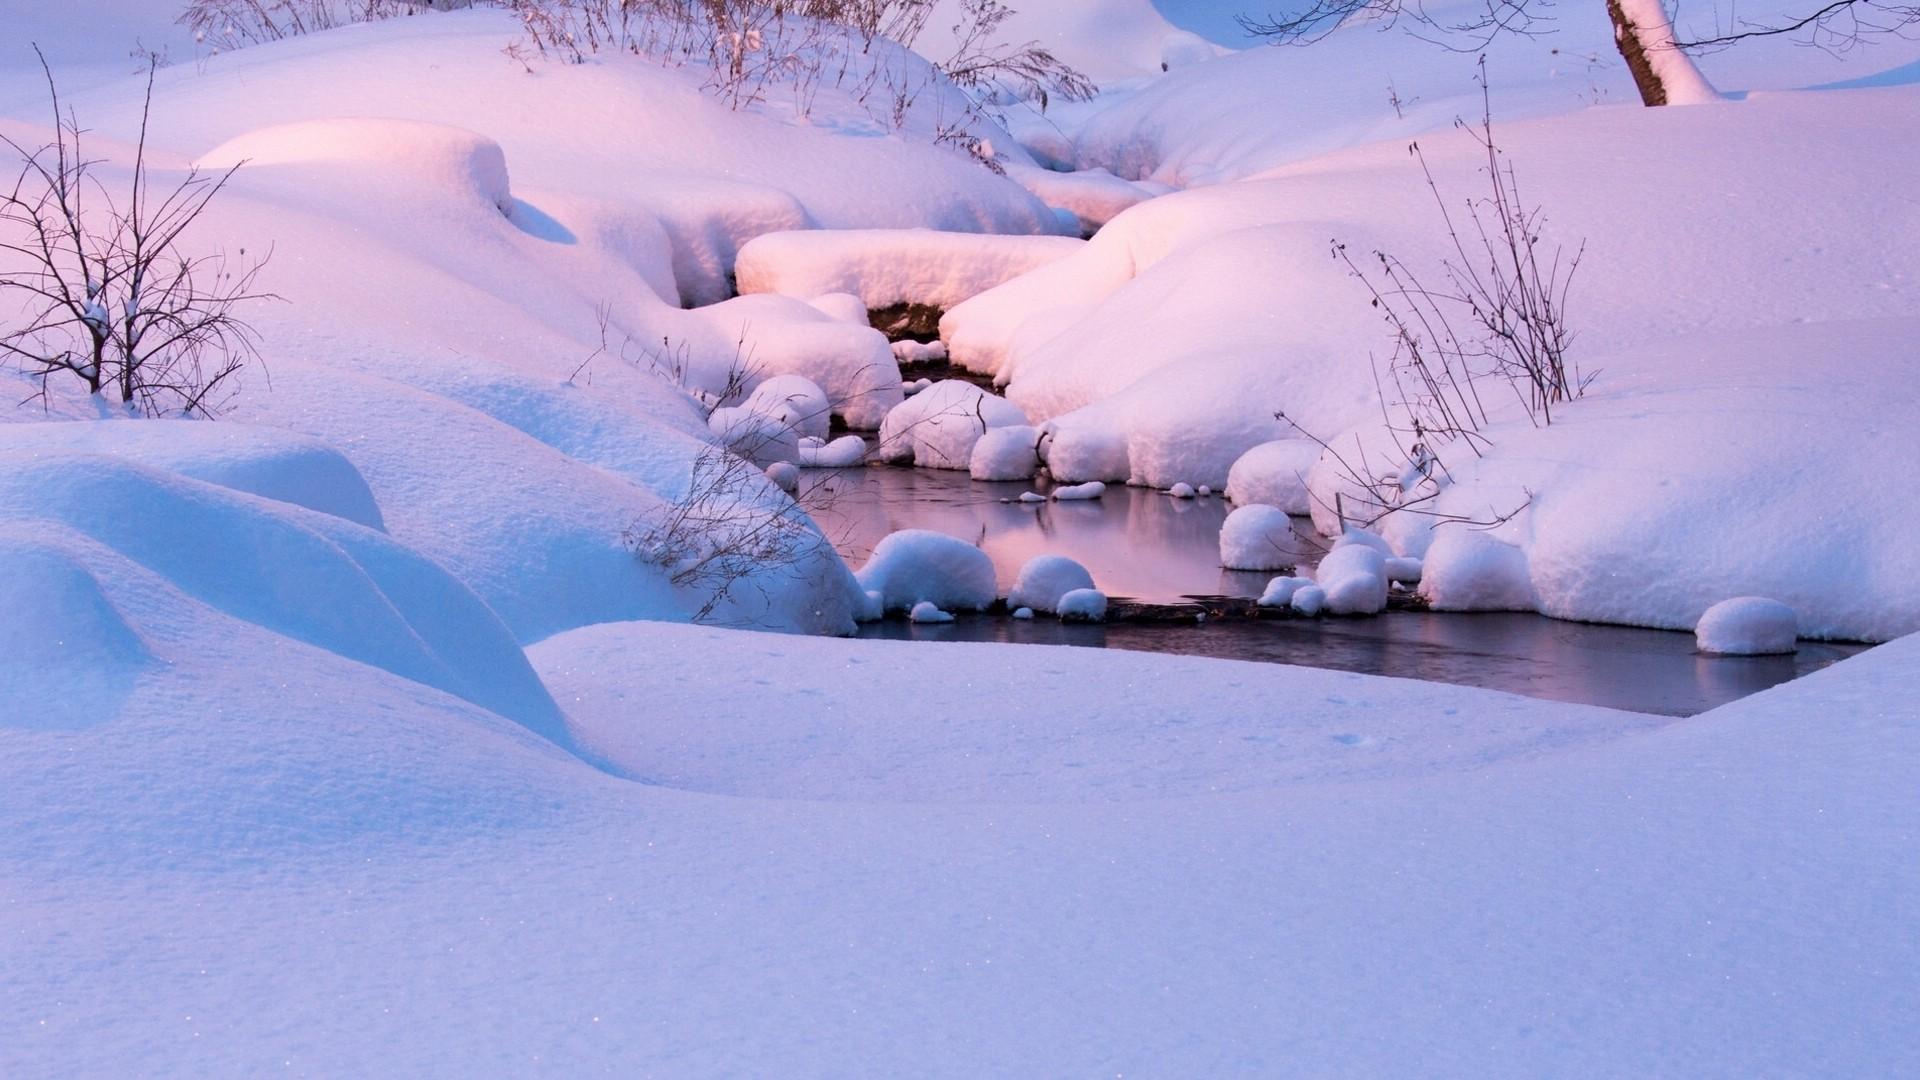 Wallpaper : pemandangan, musim dingin, Es, sungai, Pembekuan